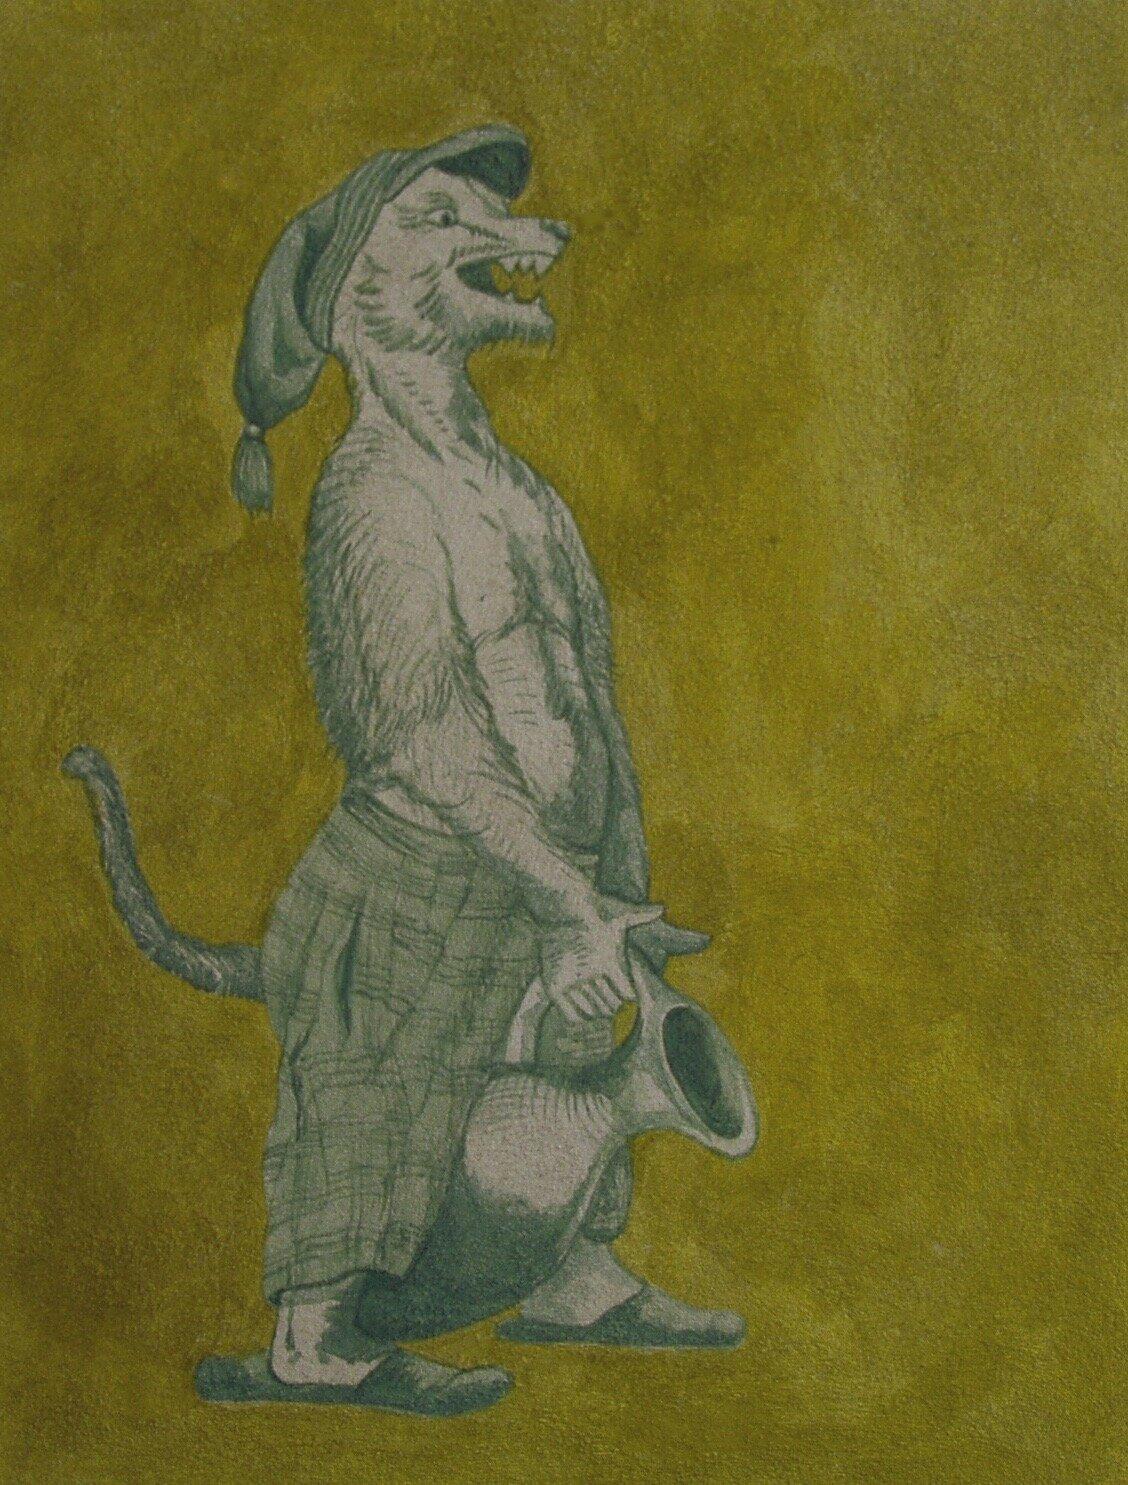 detalj fra freskoprosjektet 50x70 cm